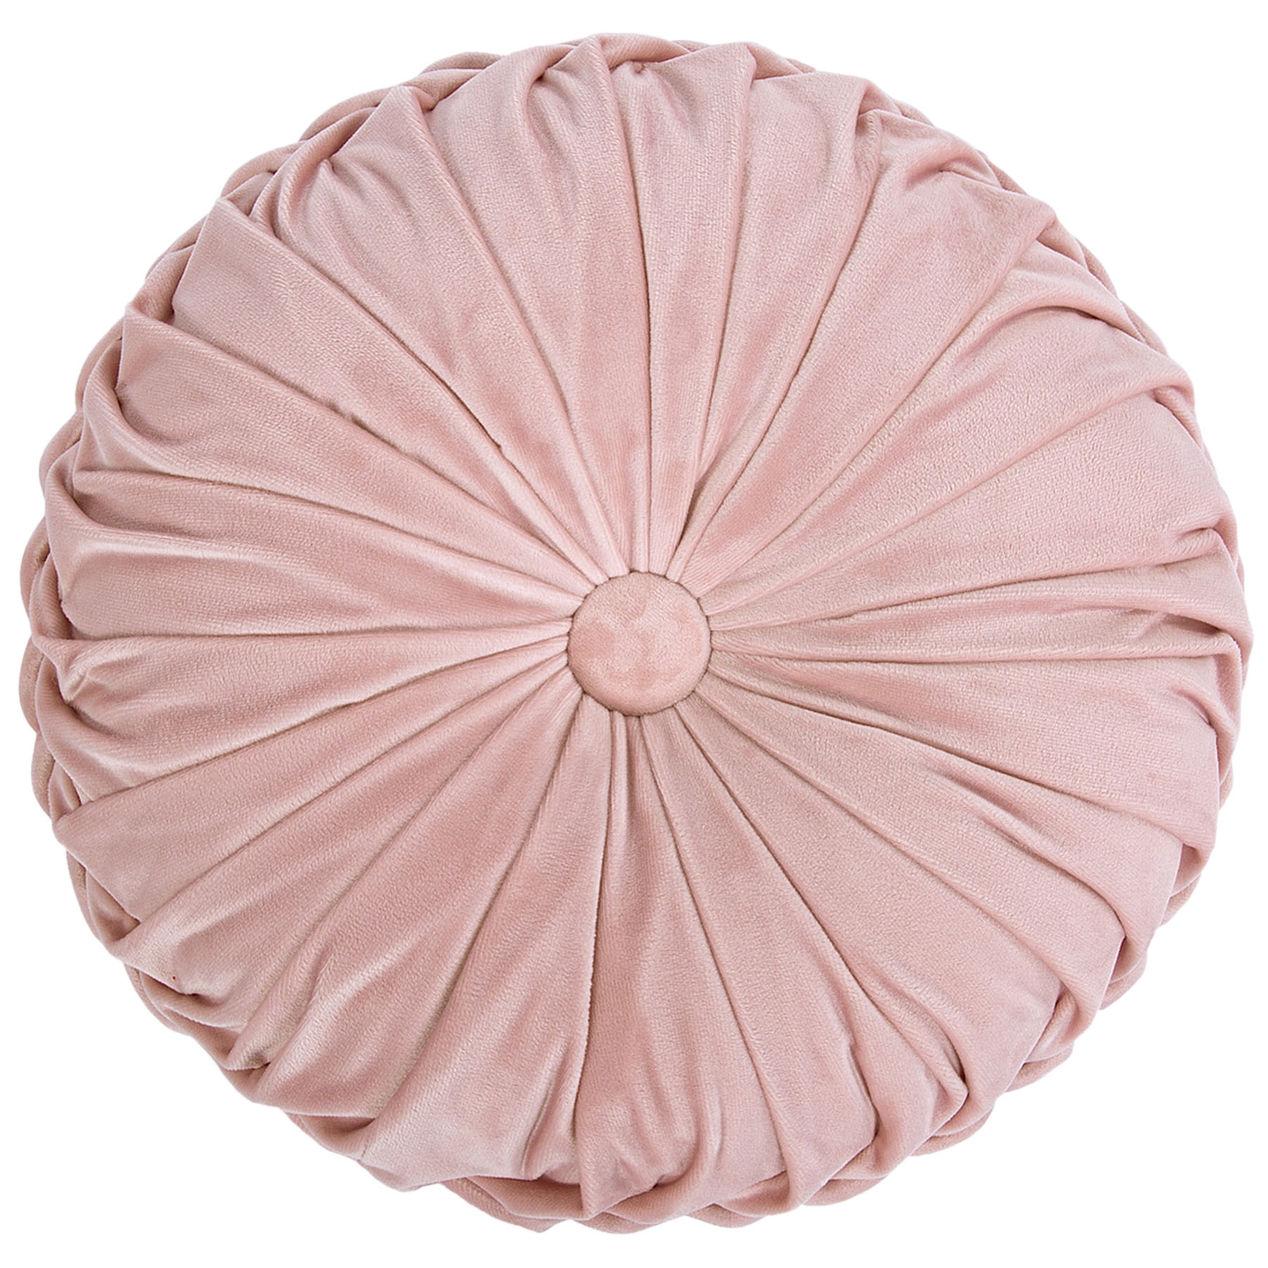 Round Pink Velvet Pillow (1)